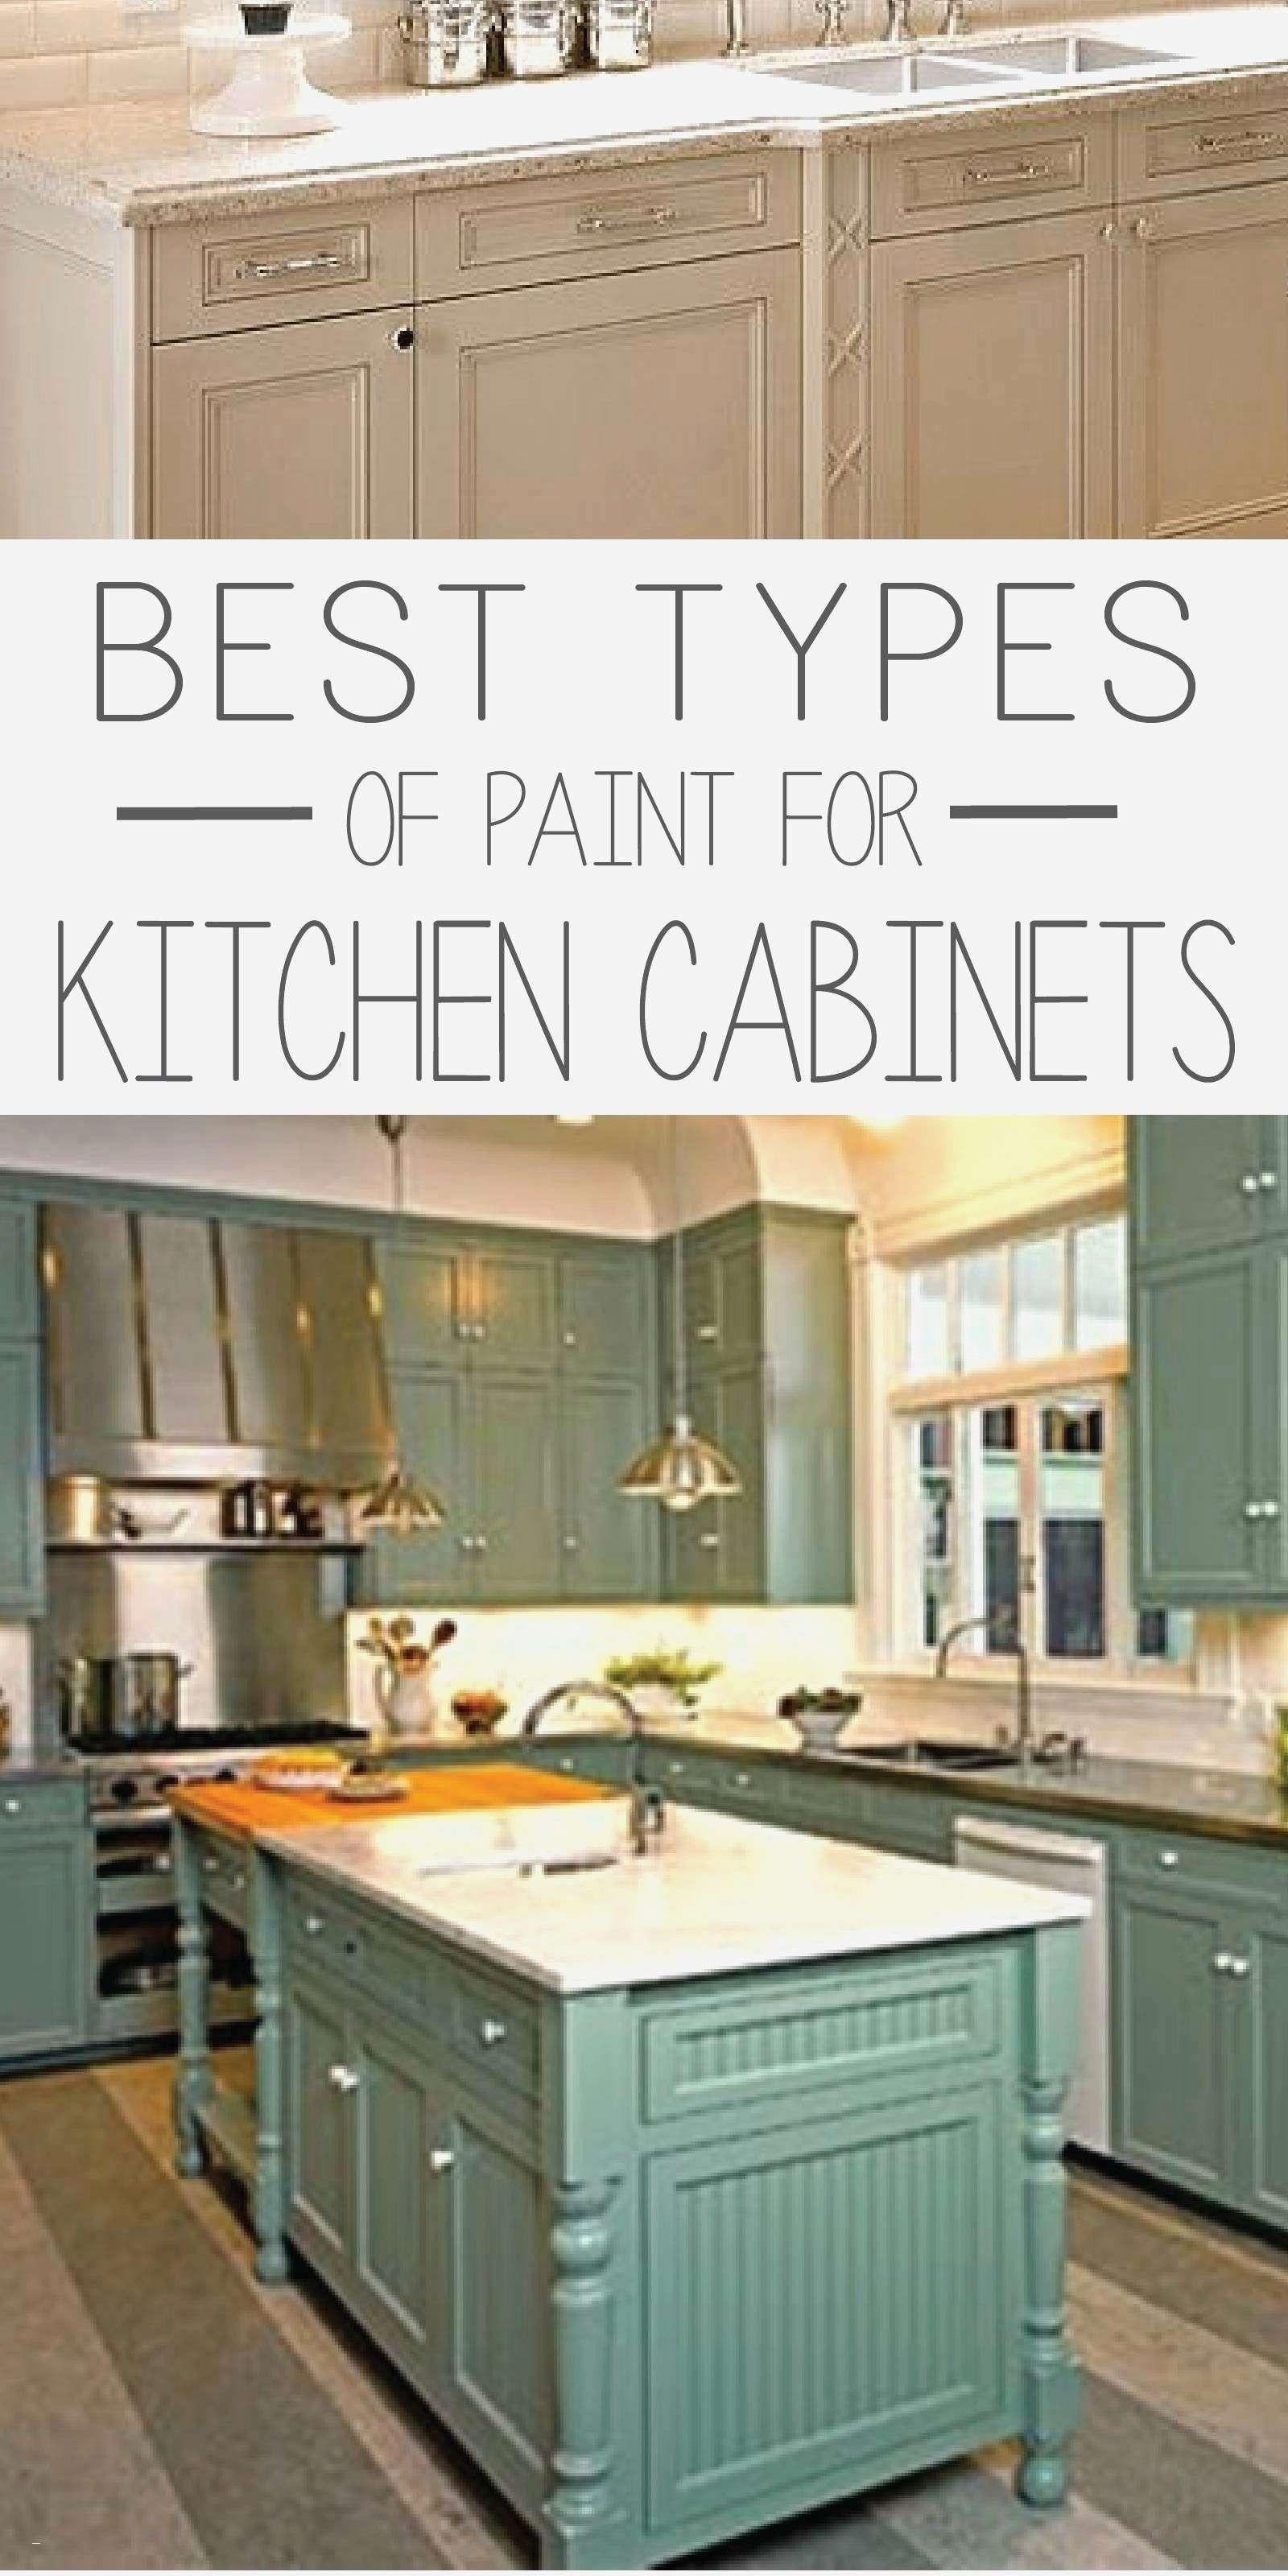 Inspirierende Old Style Kitchen Design Ideen Neue Haare Modelle Kuchenschranke Malen Kuchen Design Ideen Kuchen Design